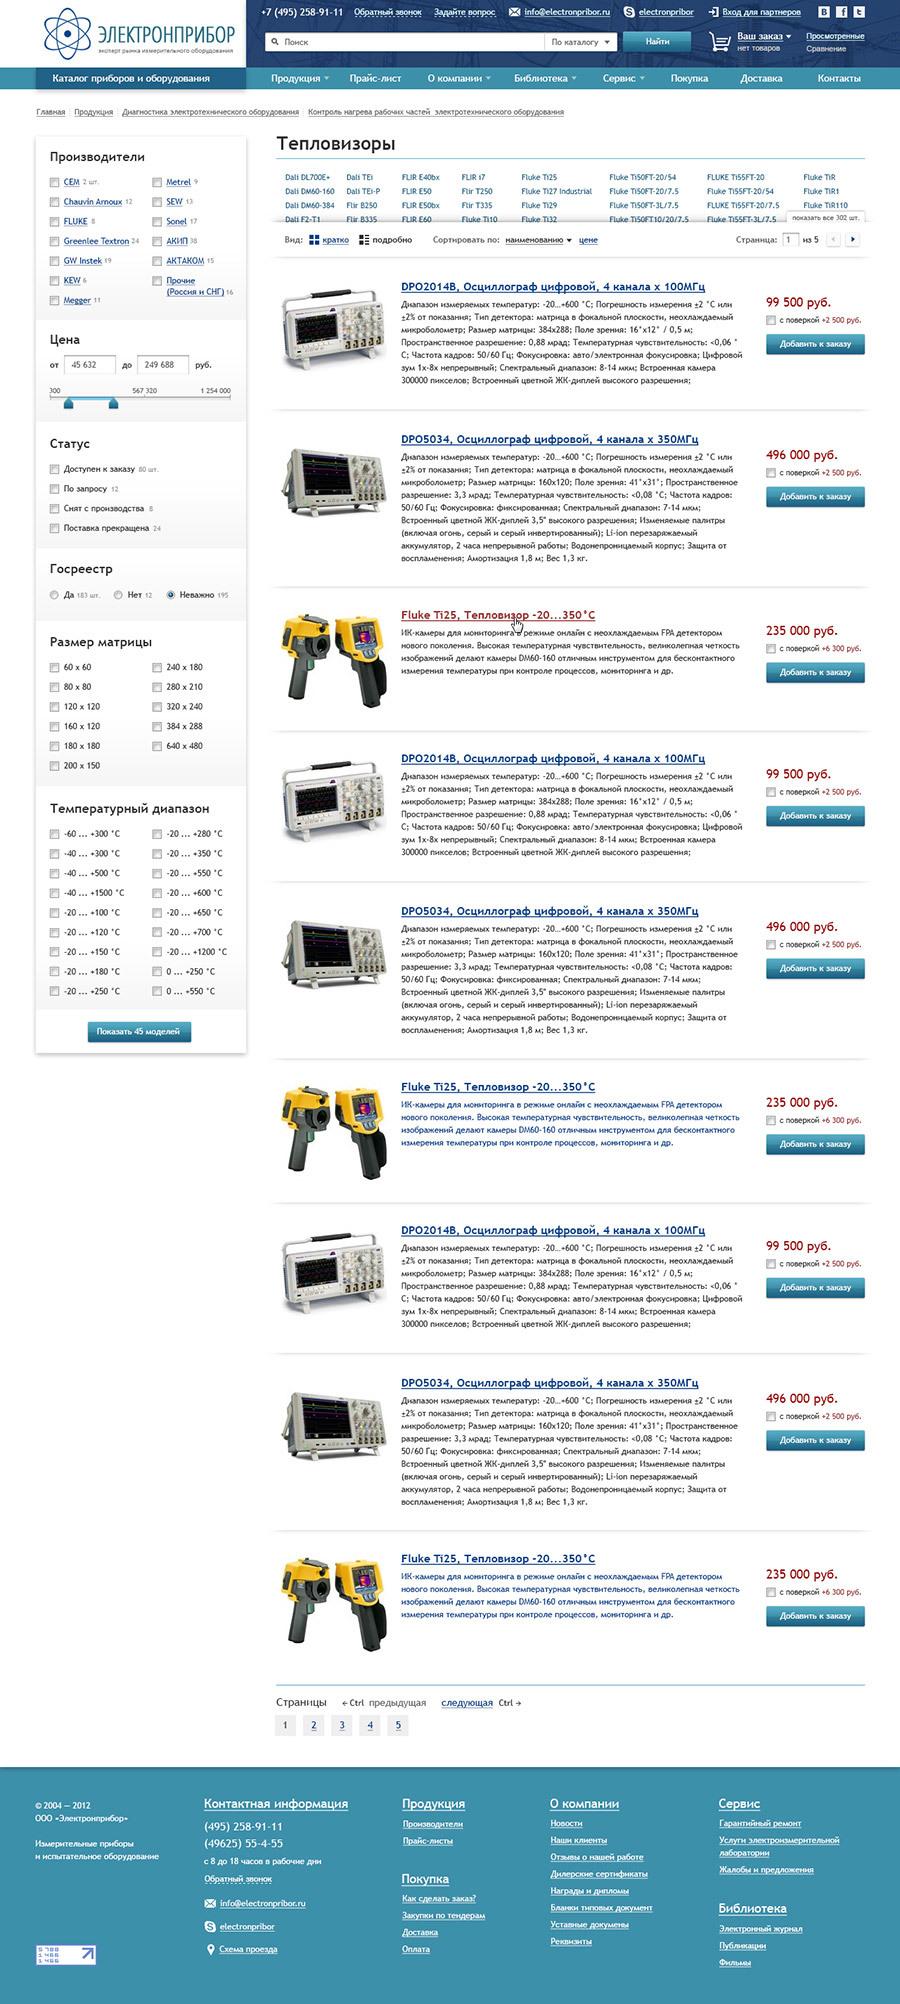 Подкатегория приборов, список приборов в расширенном виде.